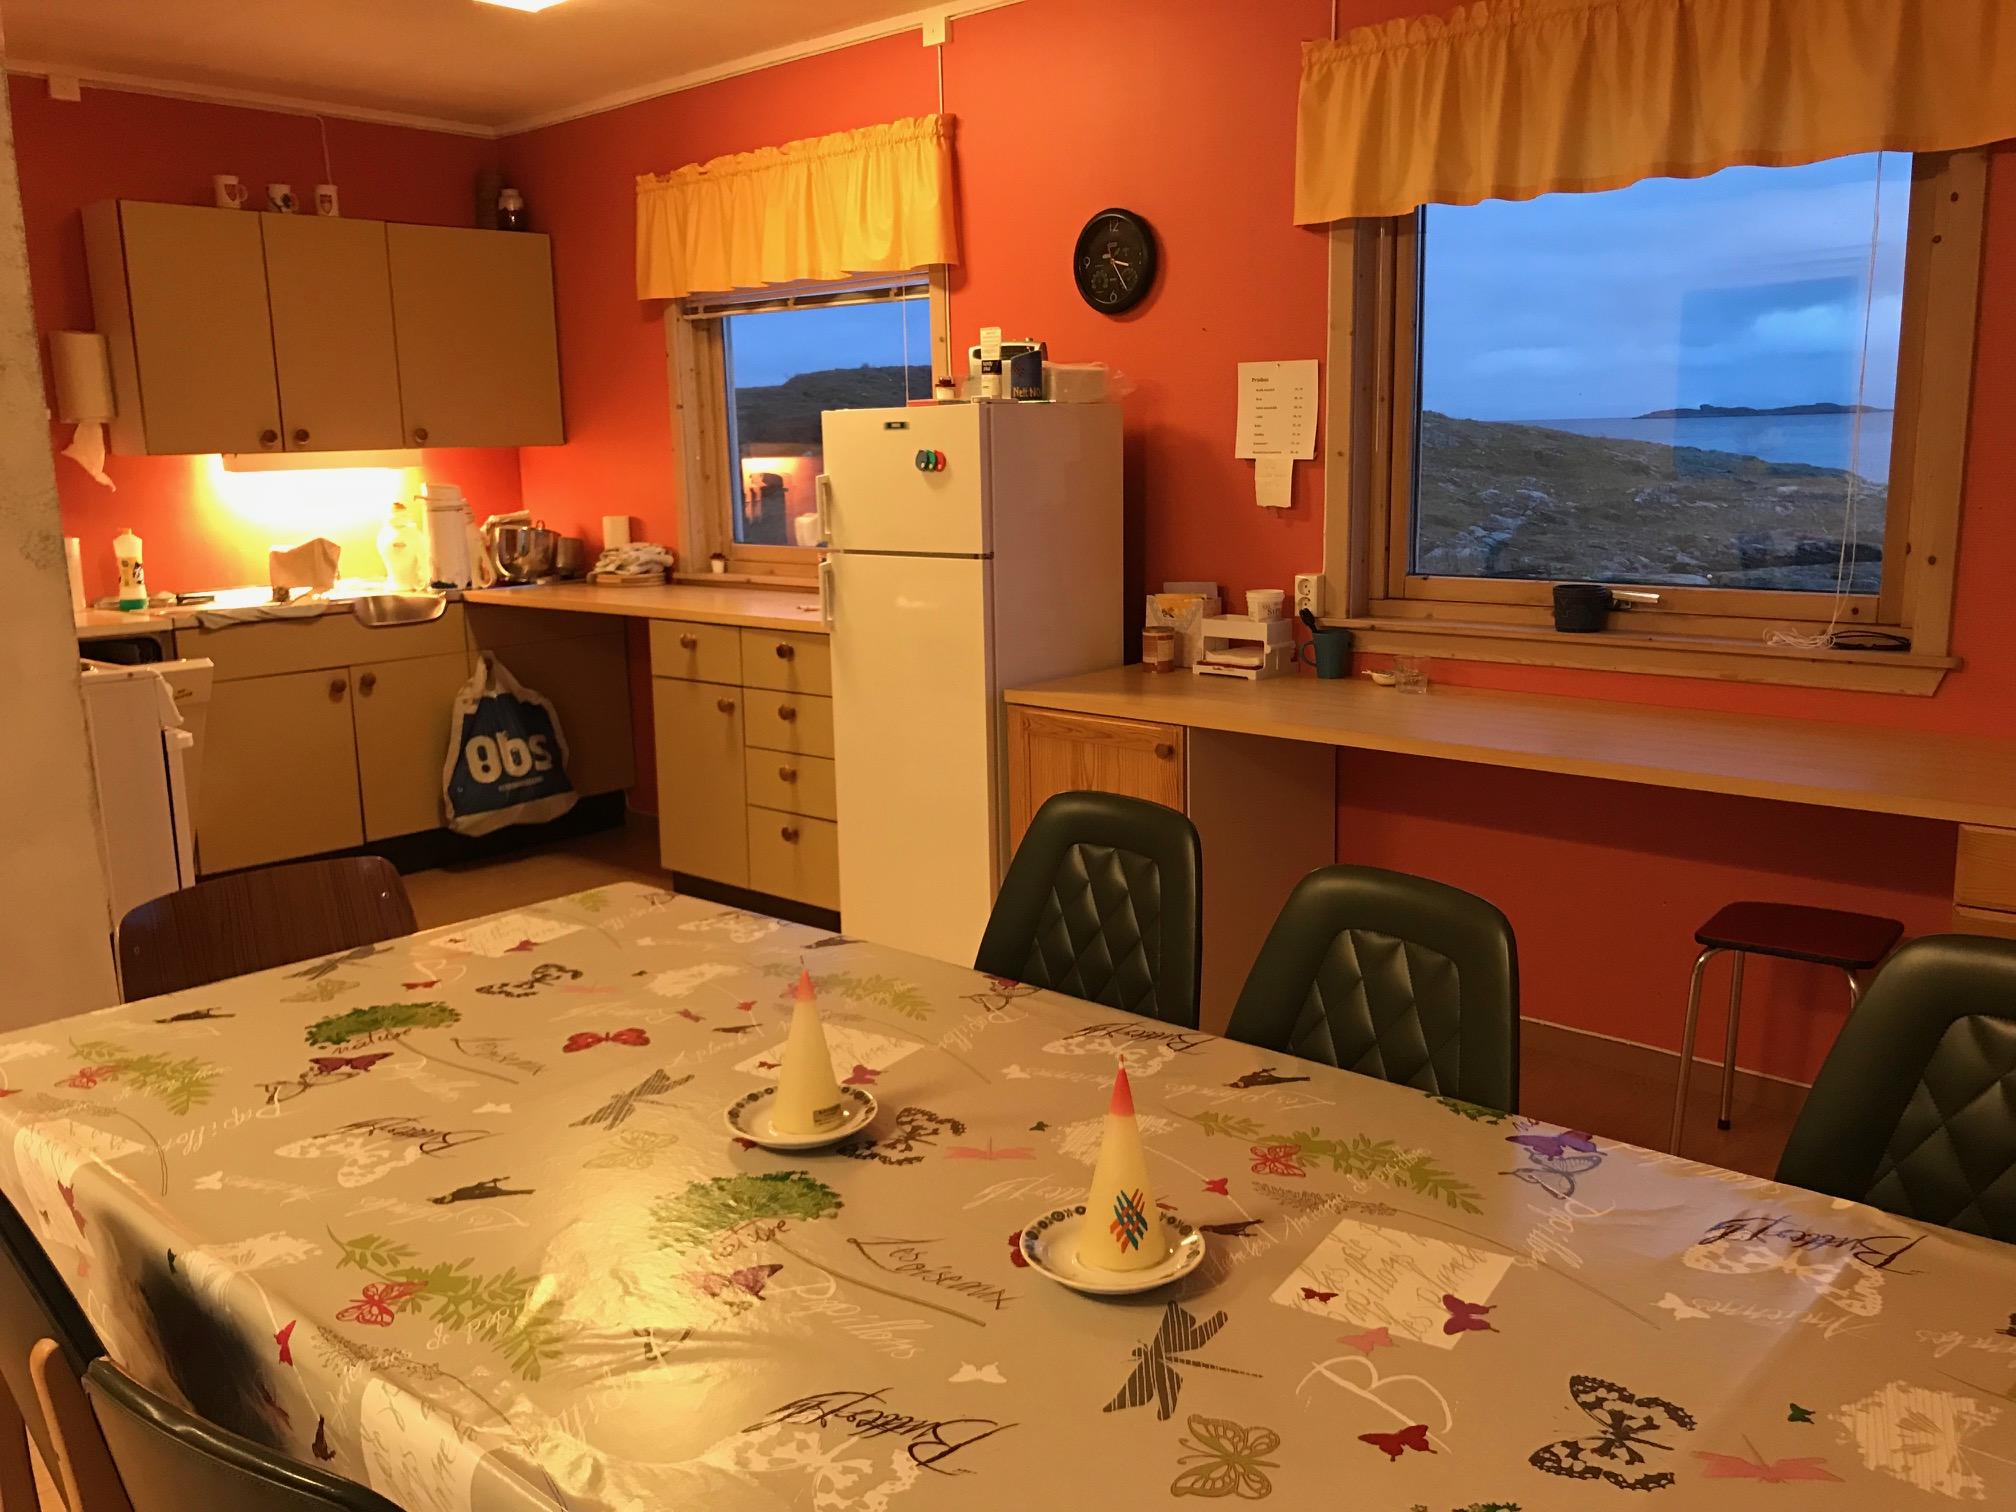 Kjøkkenet er på 6 kvm. Her er det komfyr, kjøleskap og oppvaskmaskin.